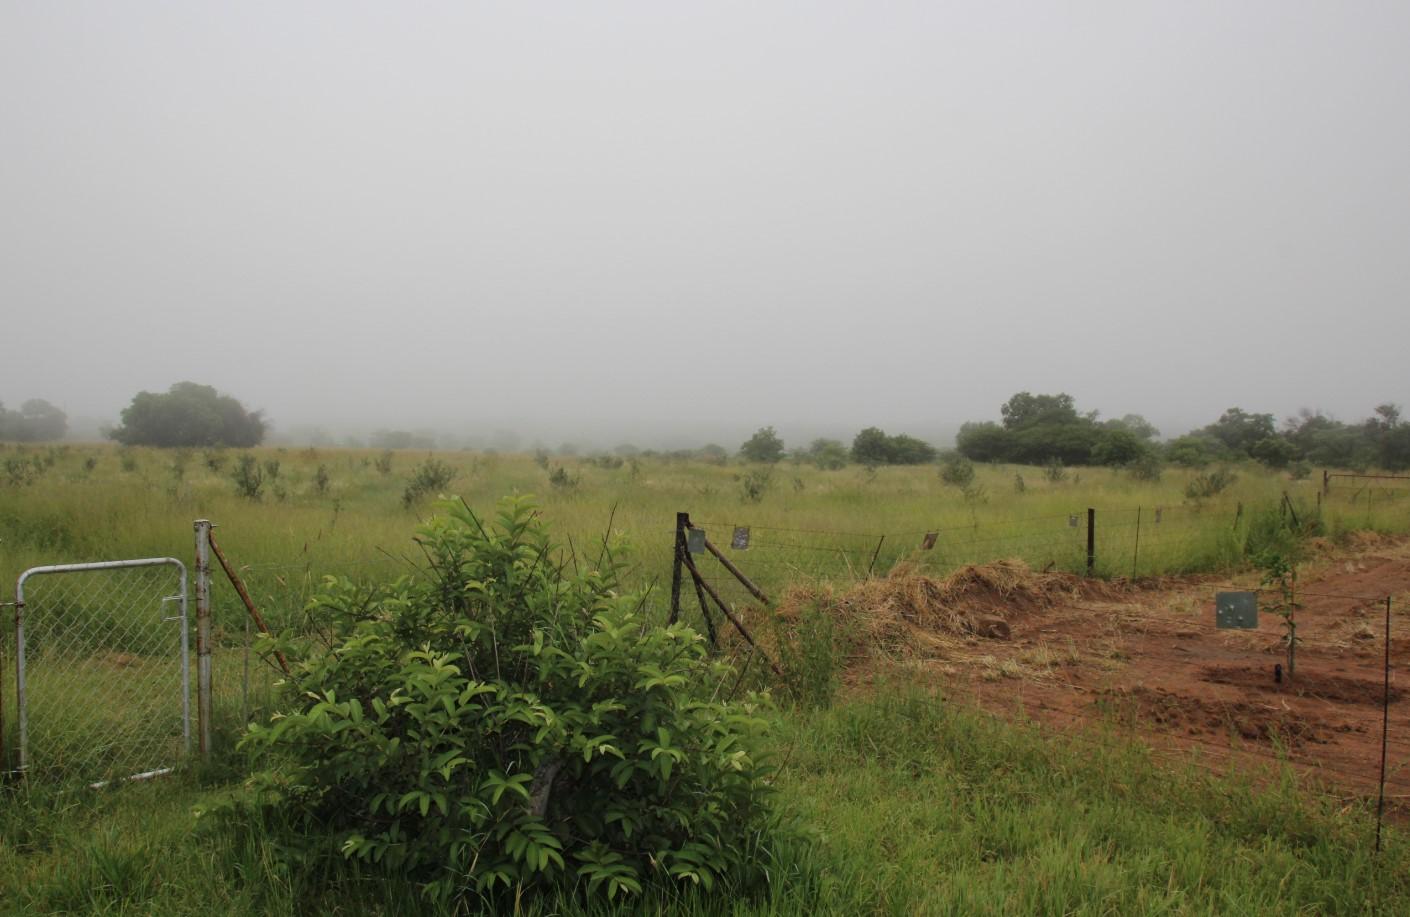 Farm in Kromdraai, 55km from Bela-Bela